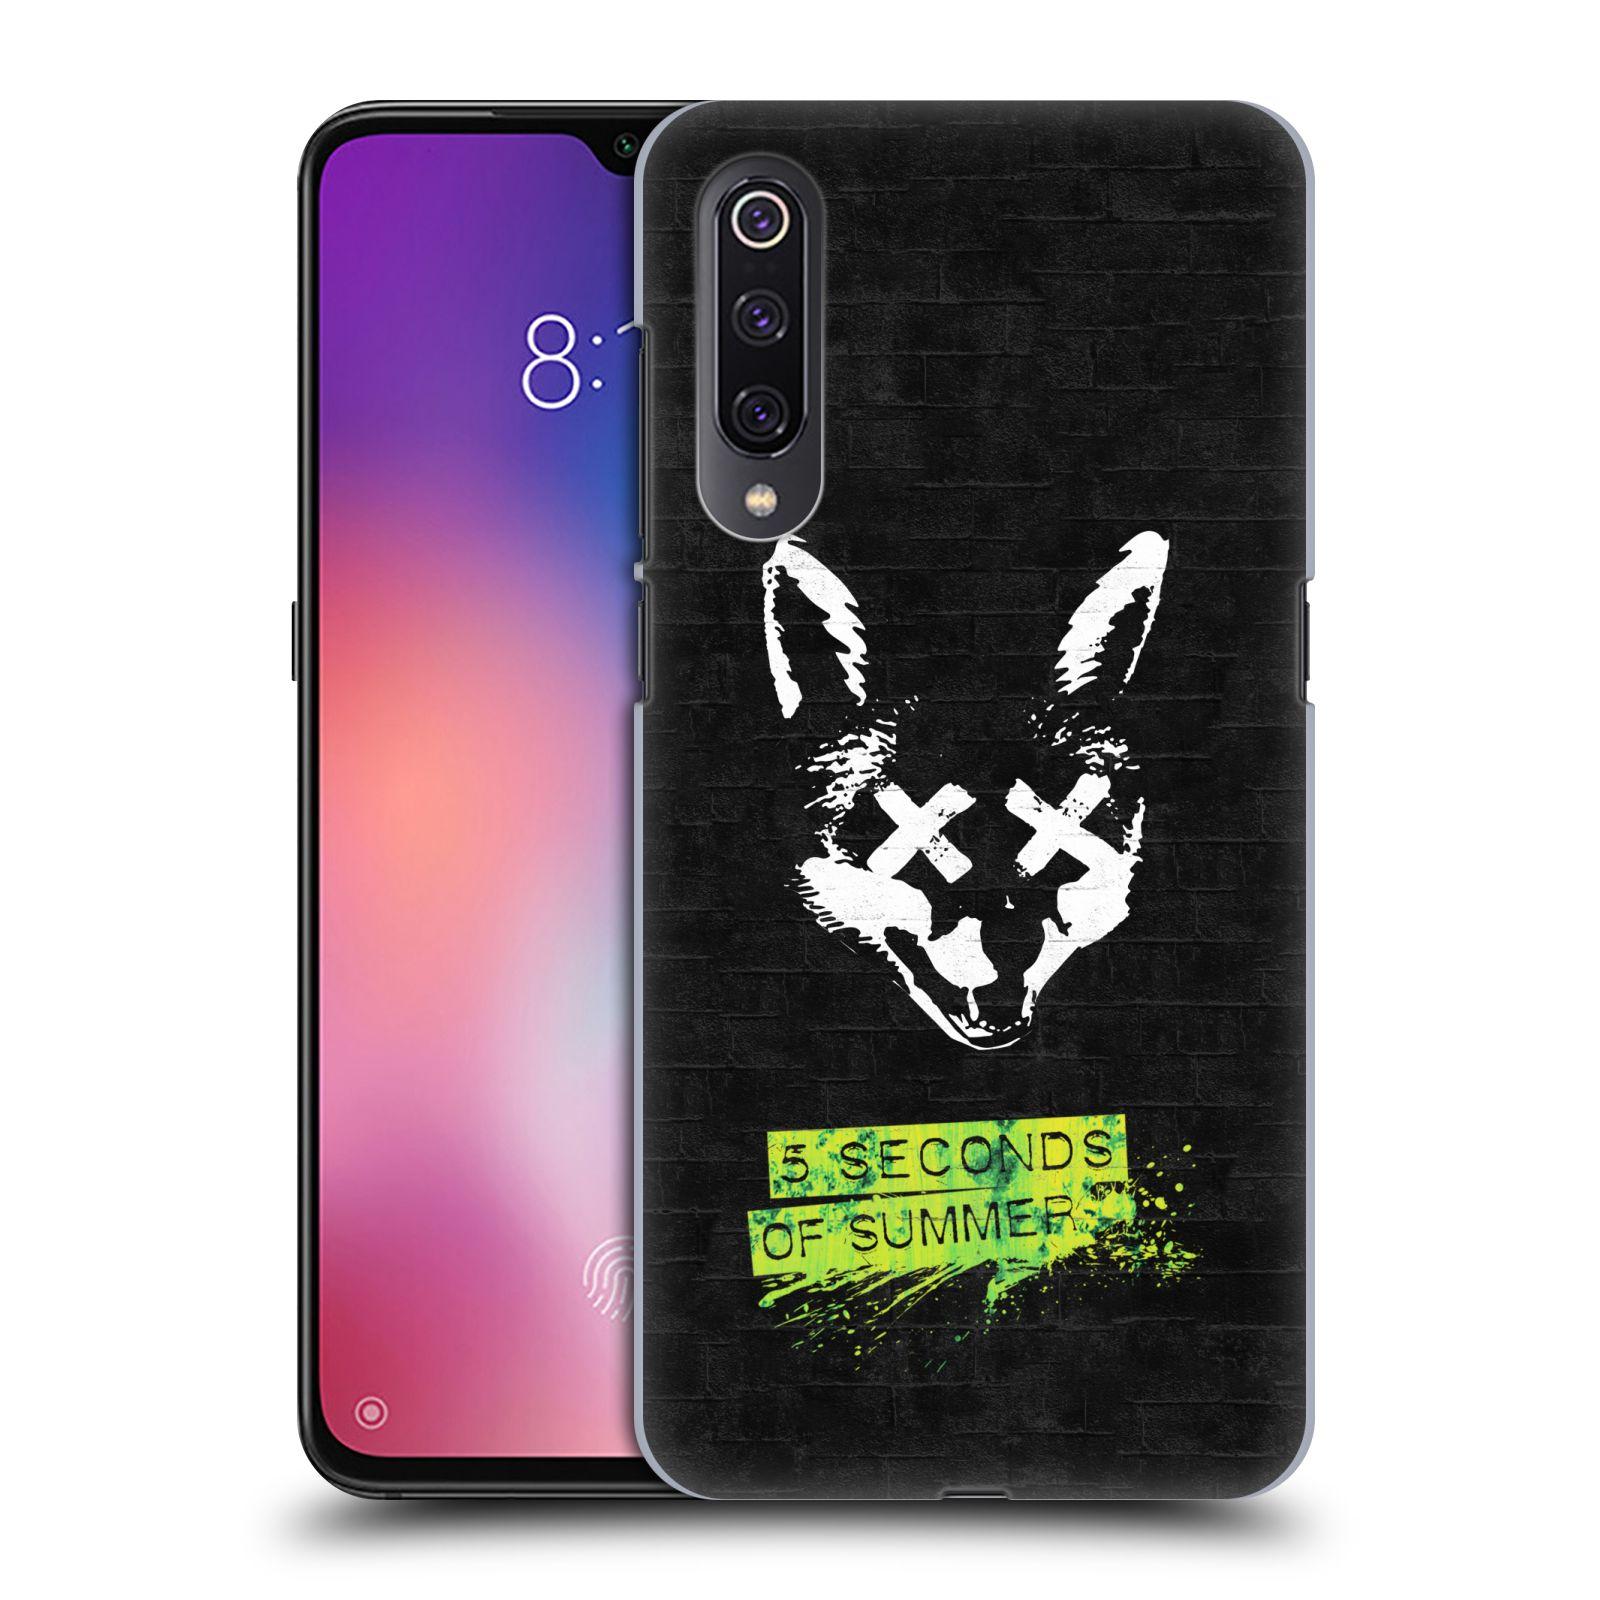 Plastové pouzdro na mobil Xiaomi Mi 9 - Head Case - 5 Seconds of Summer - Fox